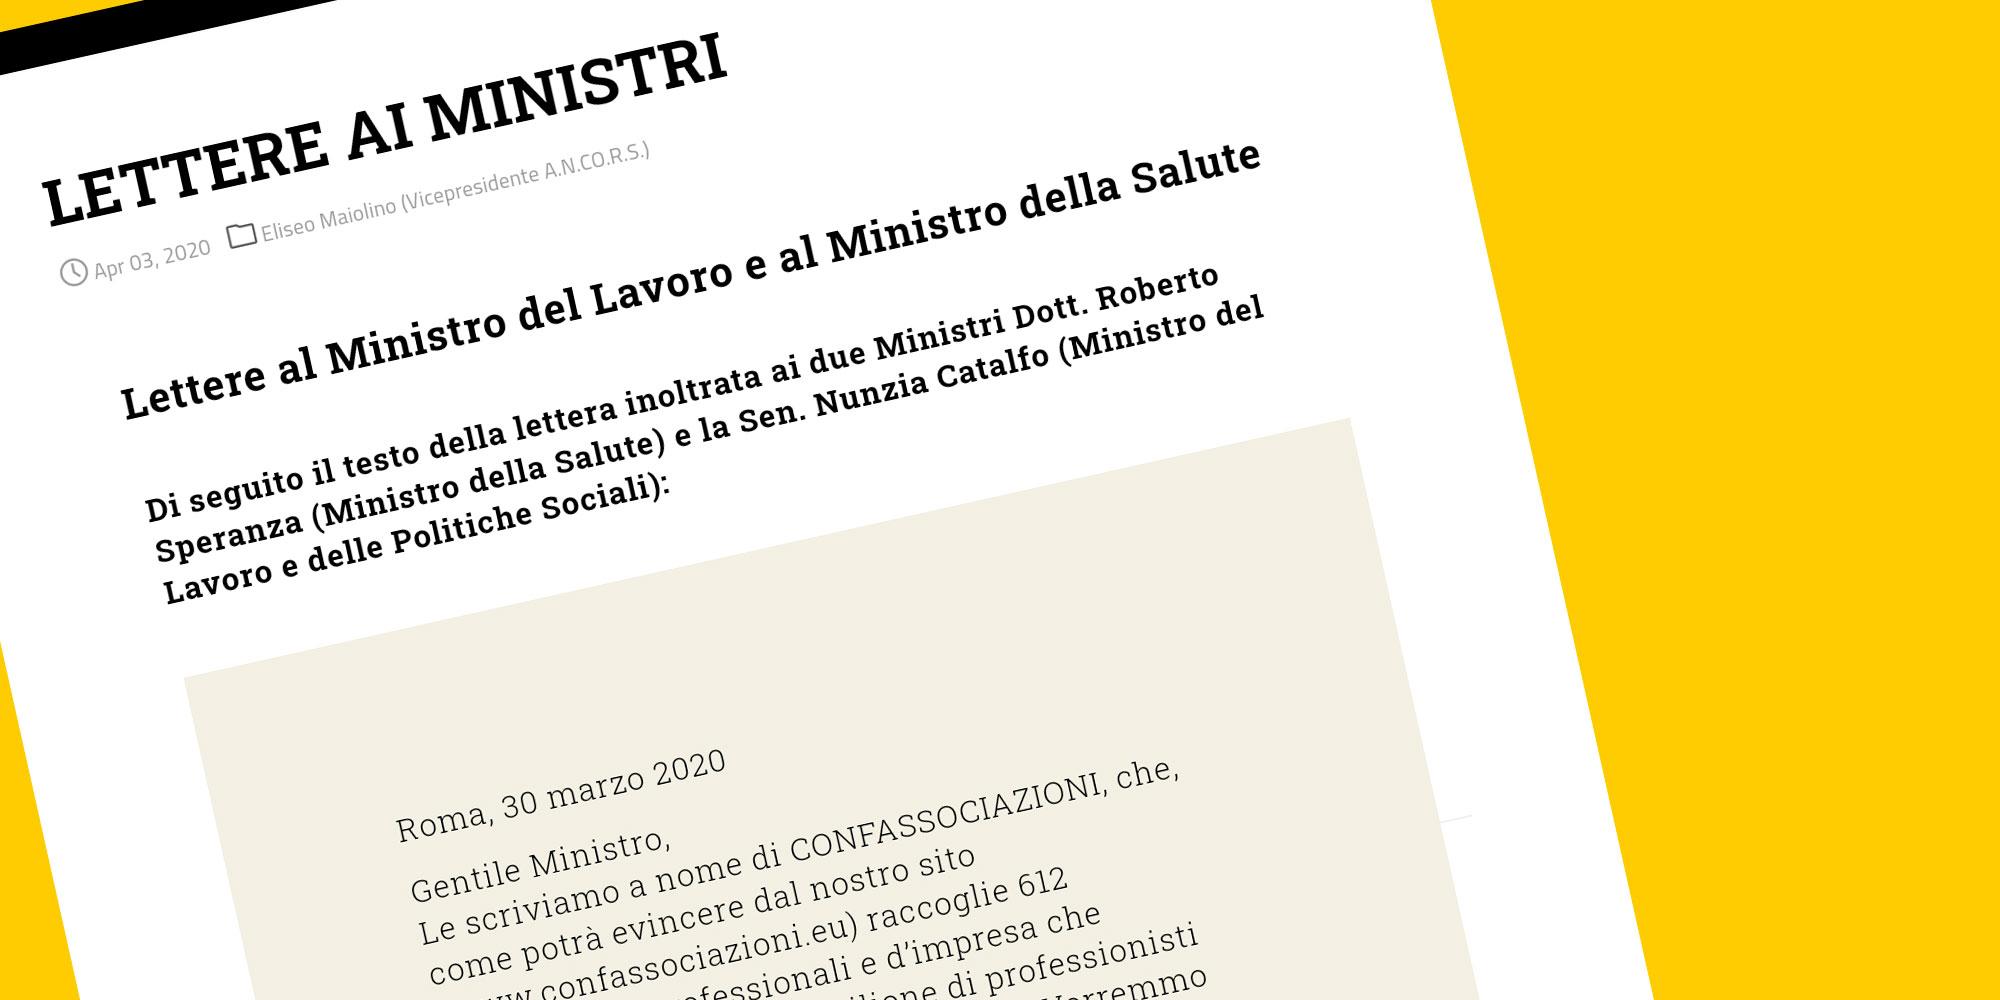 Lettere ai Ministri